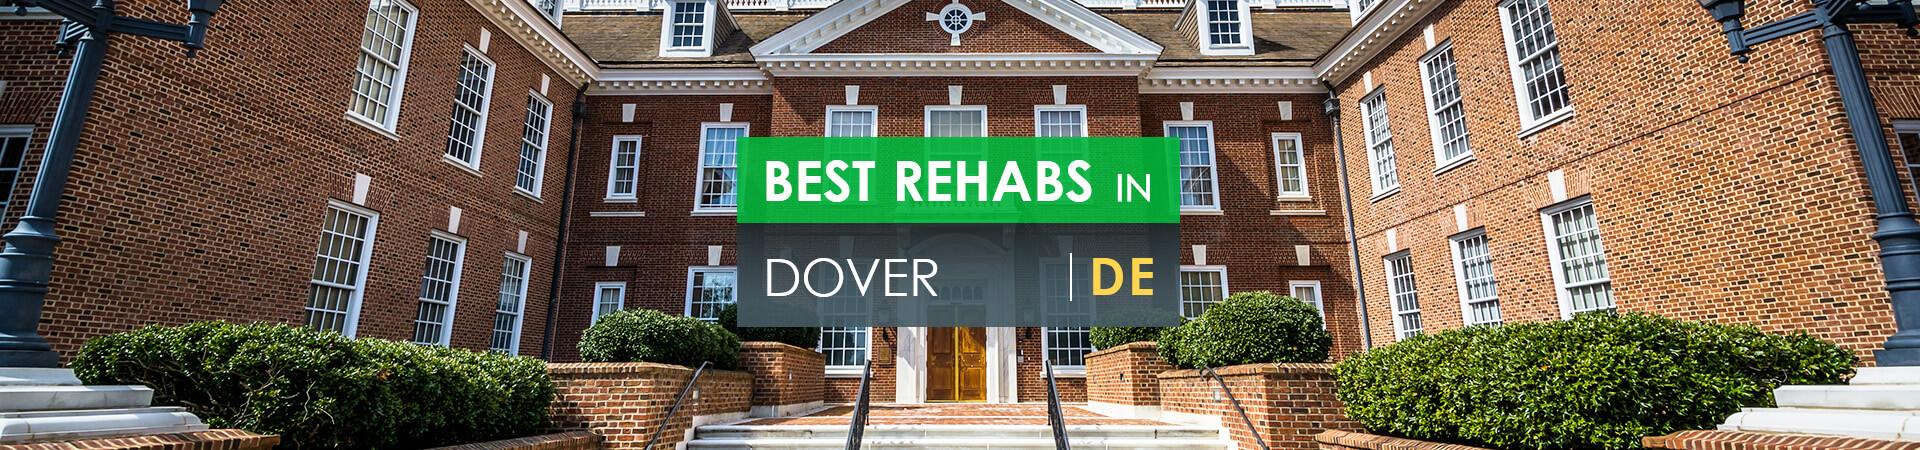 Best rehabs in Dover, DE